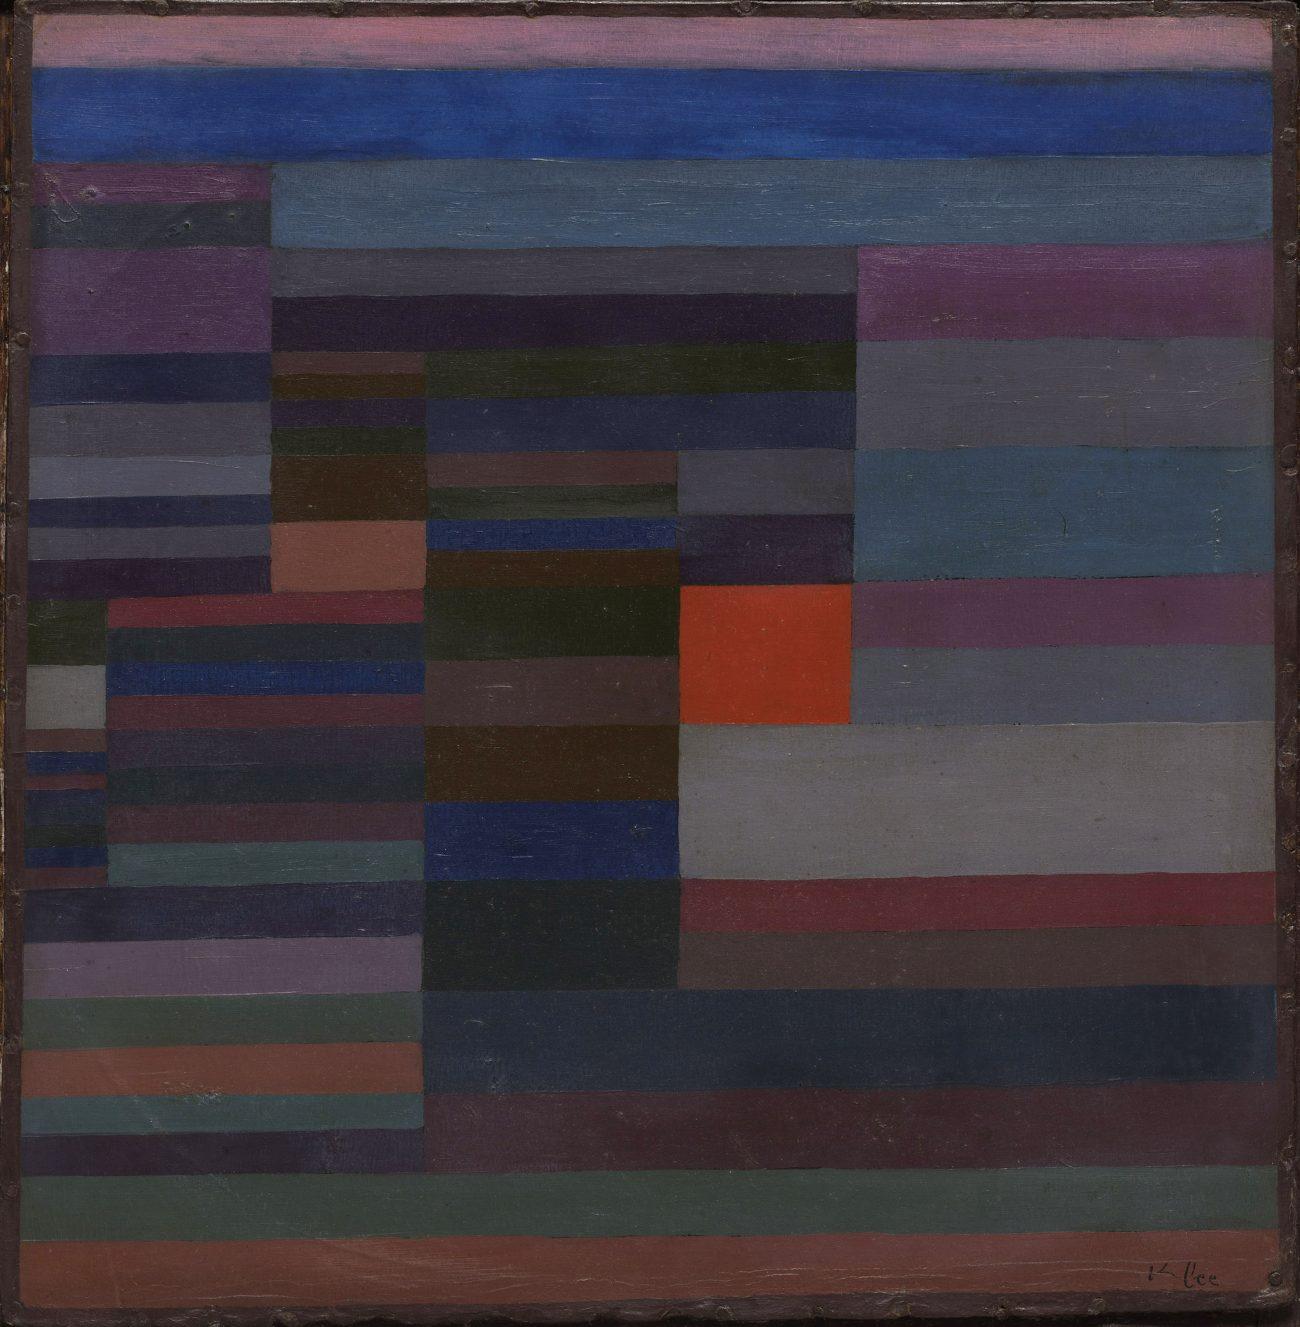 Paul Klee Ausstellung, PAUL KLEE, FEUER ABENDS, 1929, 95, Öl auf Karton, 34 x 35 cm, The Museum of Modern Art (MoMA), New York, Art On Screen - News - [AOS] Magazine